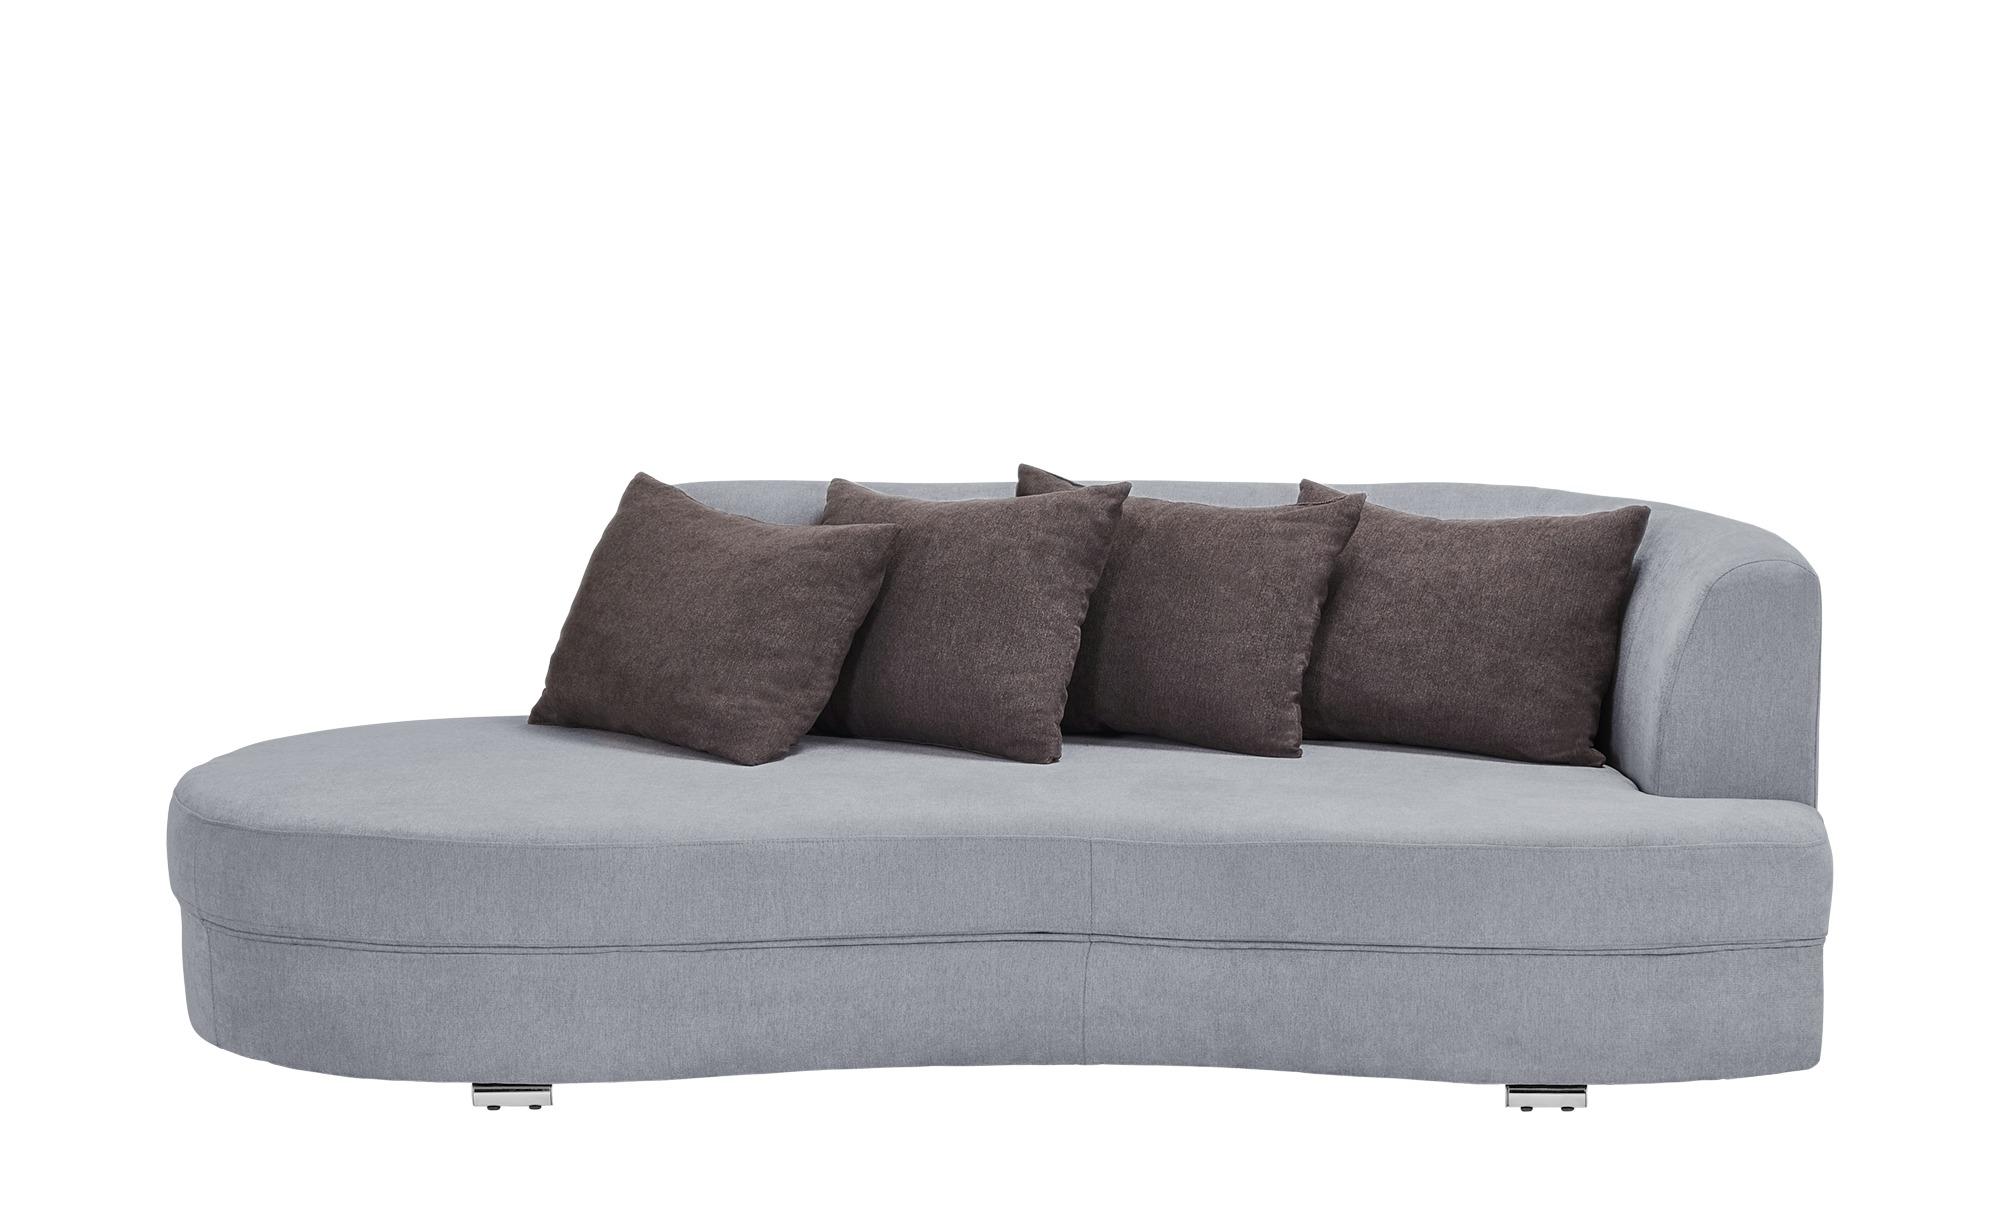 smart Big Sofa grau - Flachgewebe Marina ¦ grau ¦ Maße (cm): B: 211 H: 69 T: 109 Polstermöbel > Sofas > Big-Sofas - Höffner